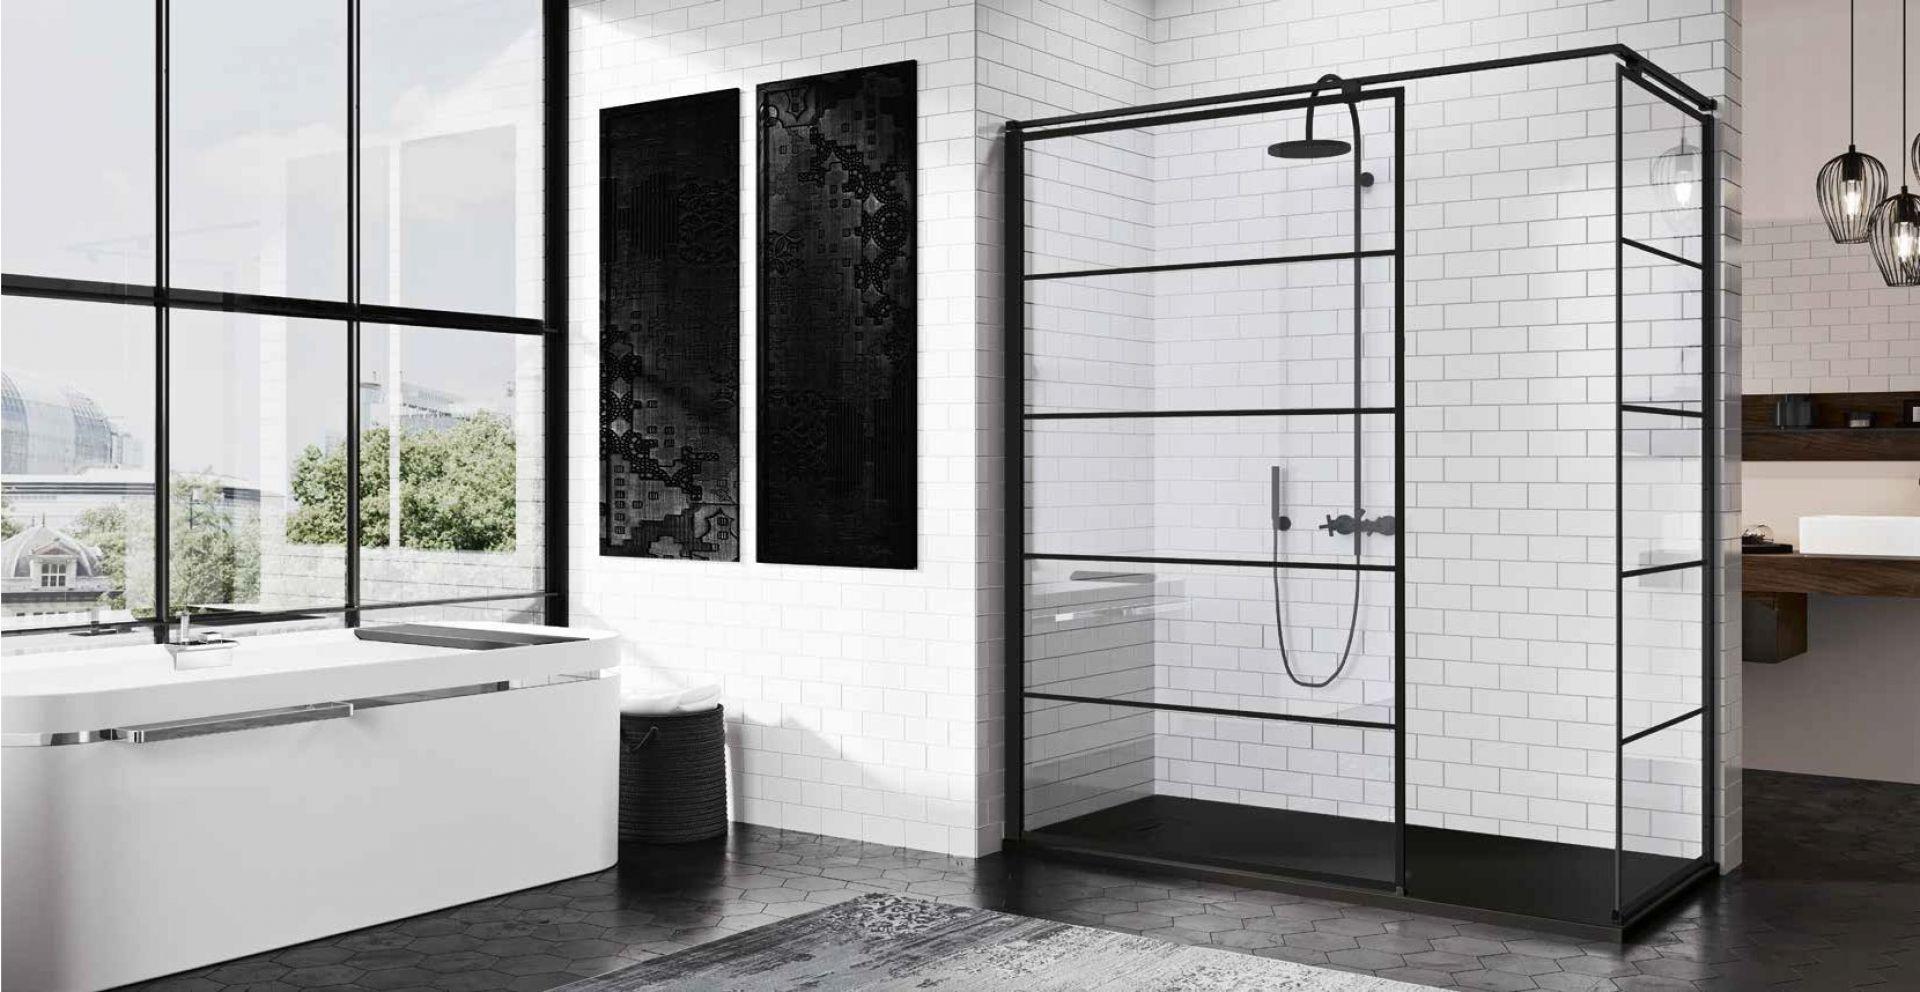 Kabina prysznicowa prostokątna typu walk-in Kuadra H firmy Novellini z czarnymi profilami i dekoracyjnymi pasami. Fot. Novellini